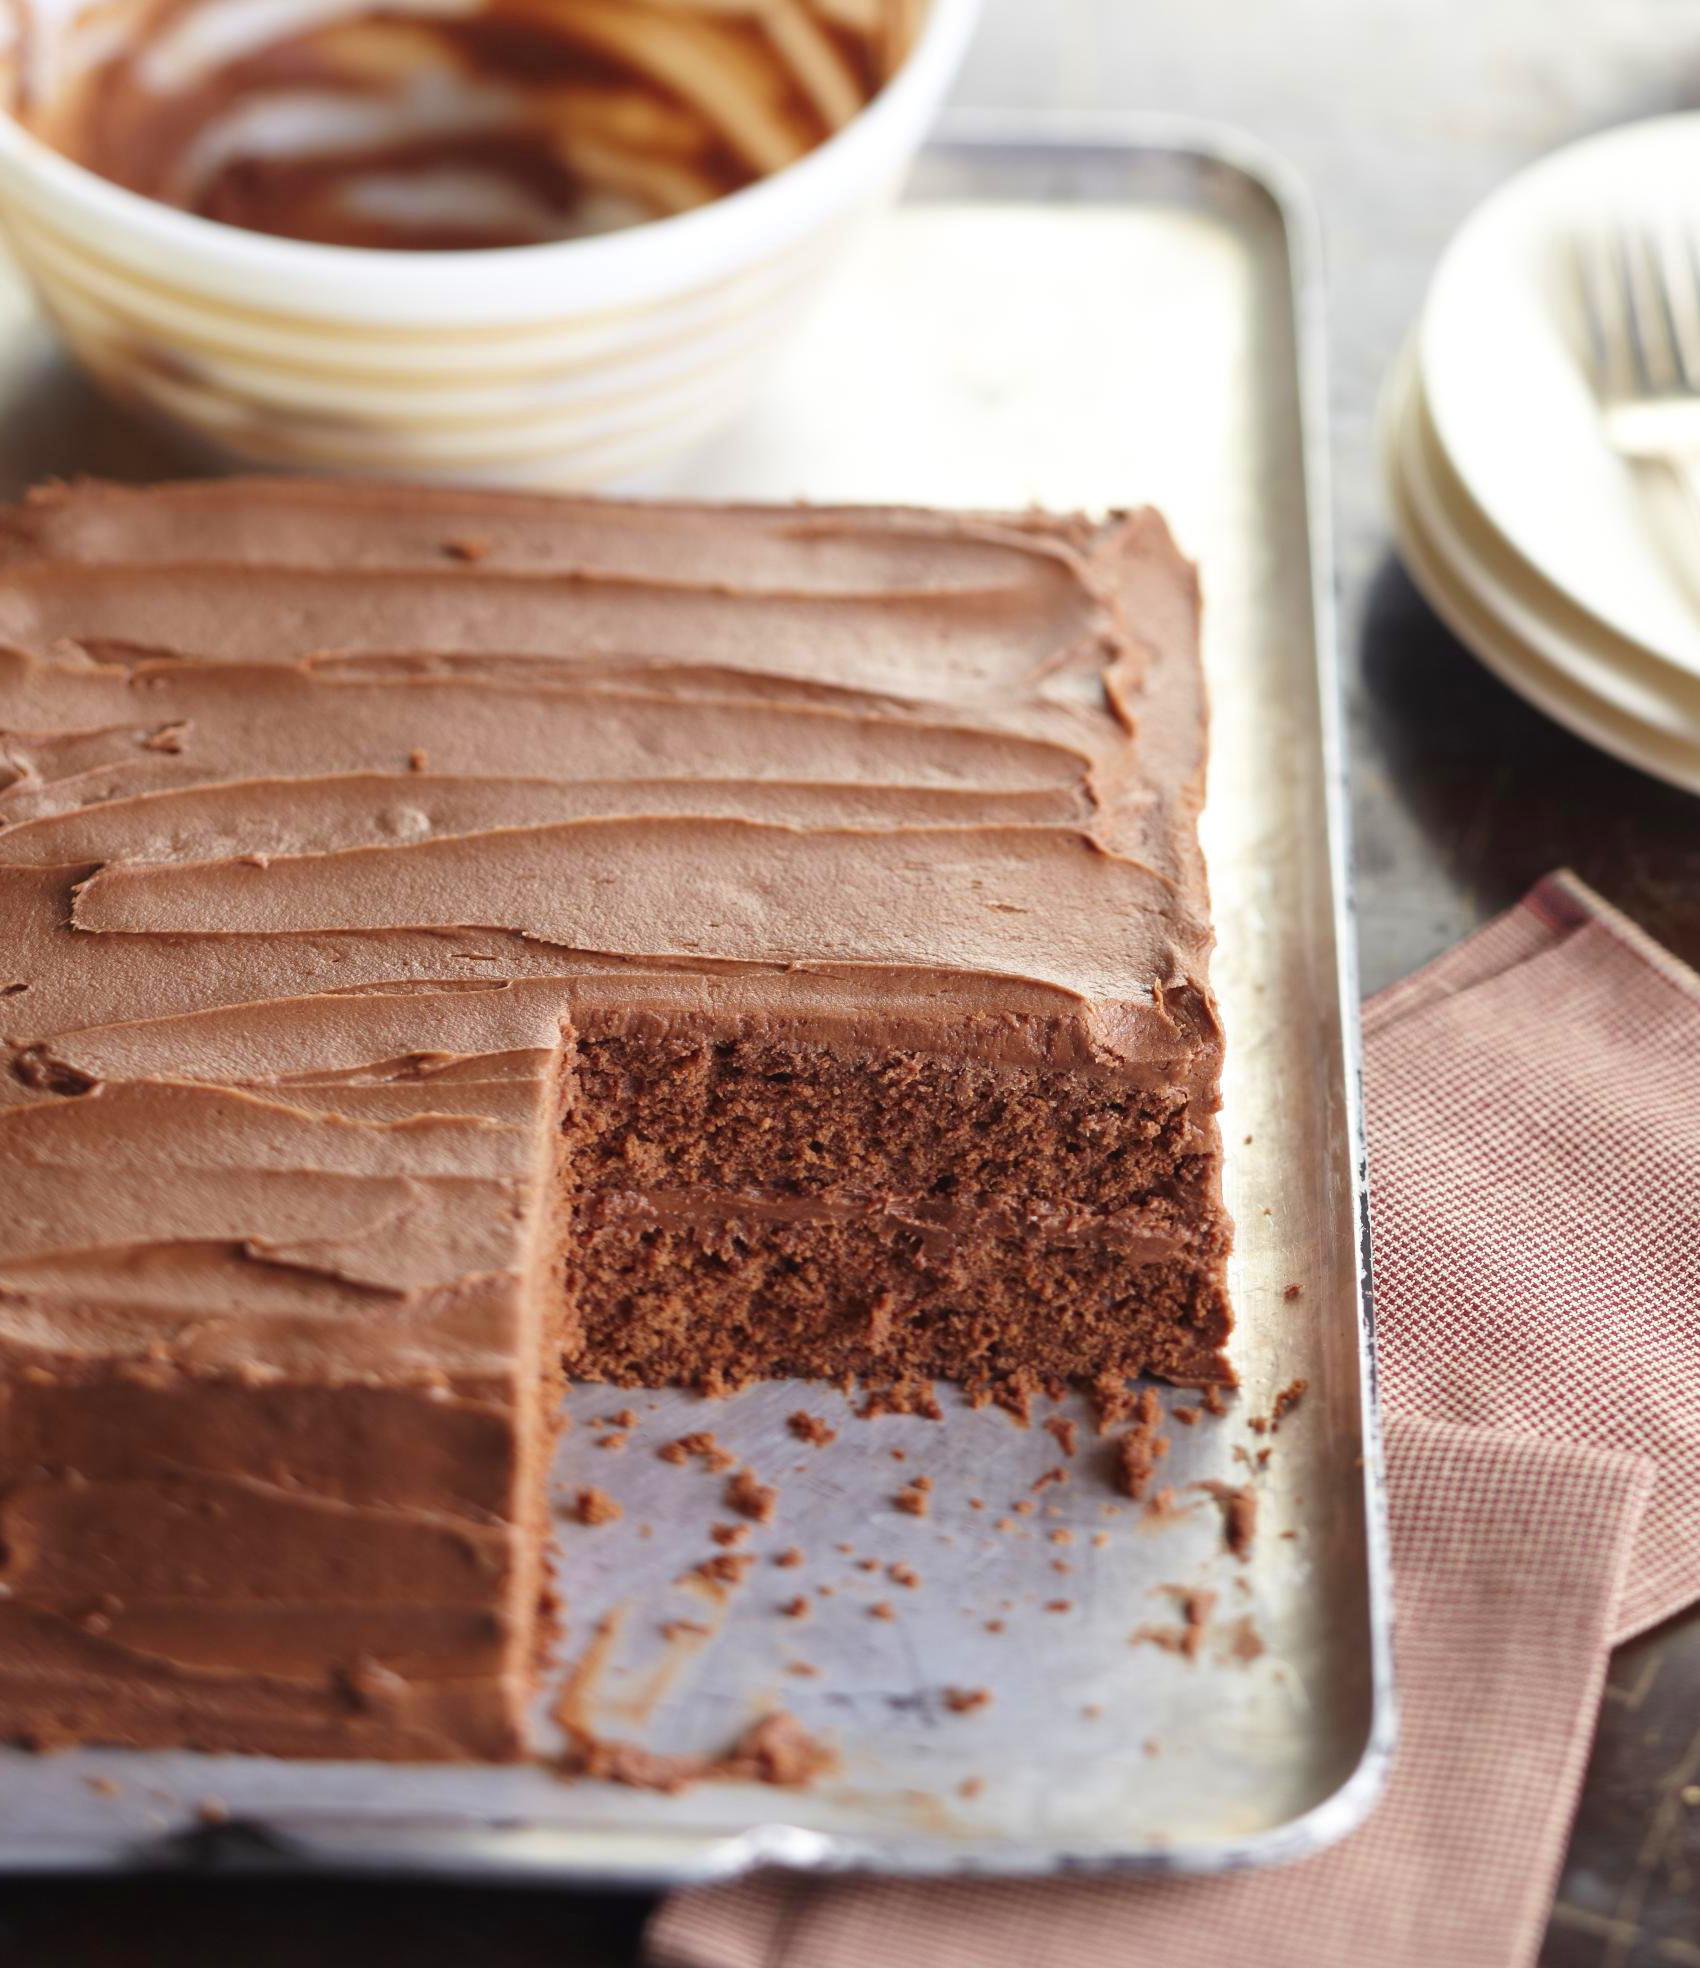 Iowa: Best-Ever Chocolate Cake